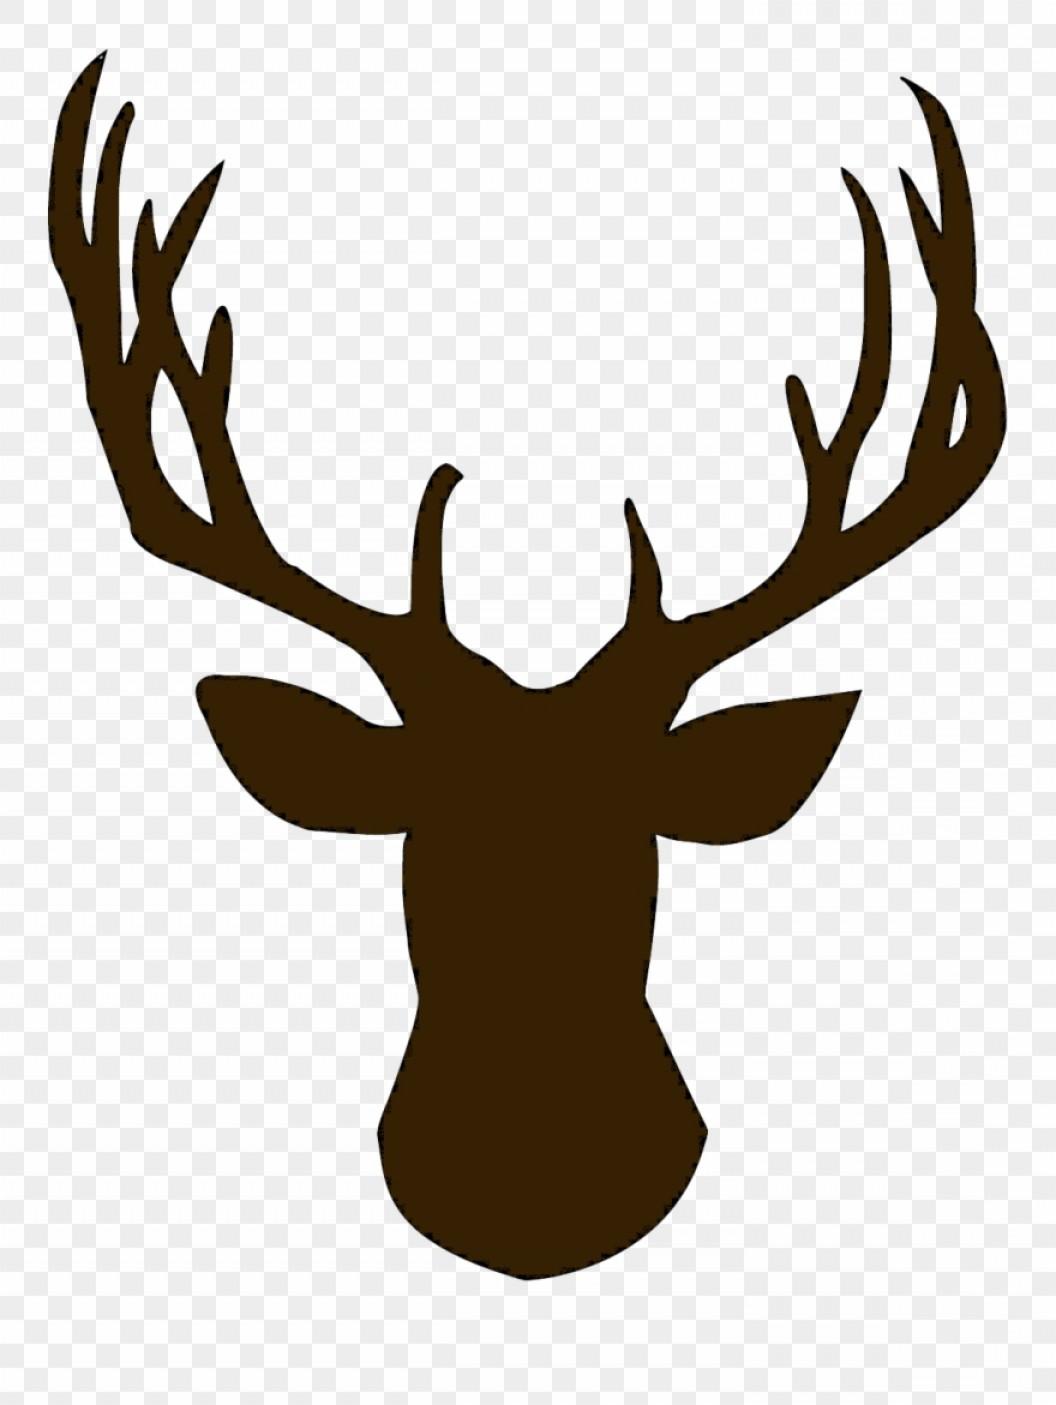 Deer head silhouettes reindeer. Antler clipart reindeer's